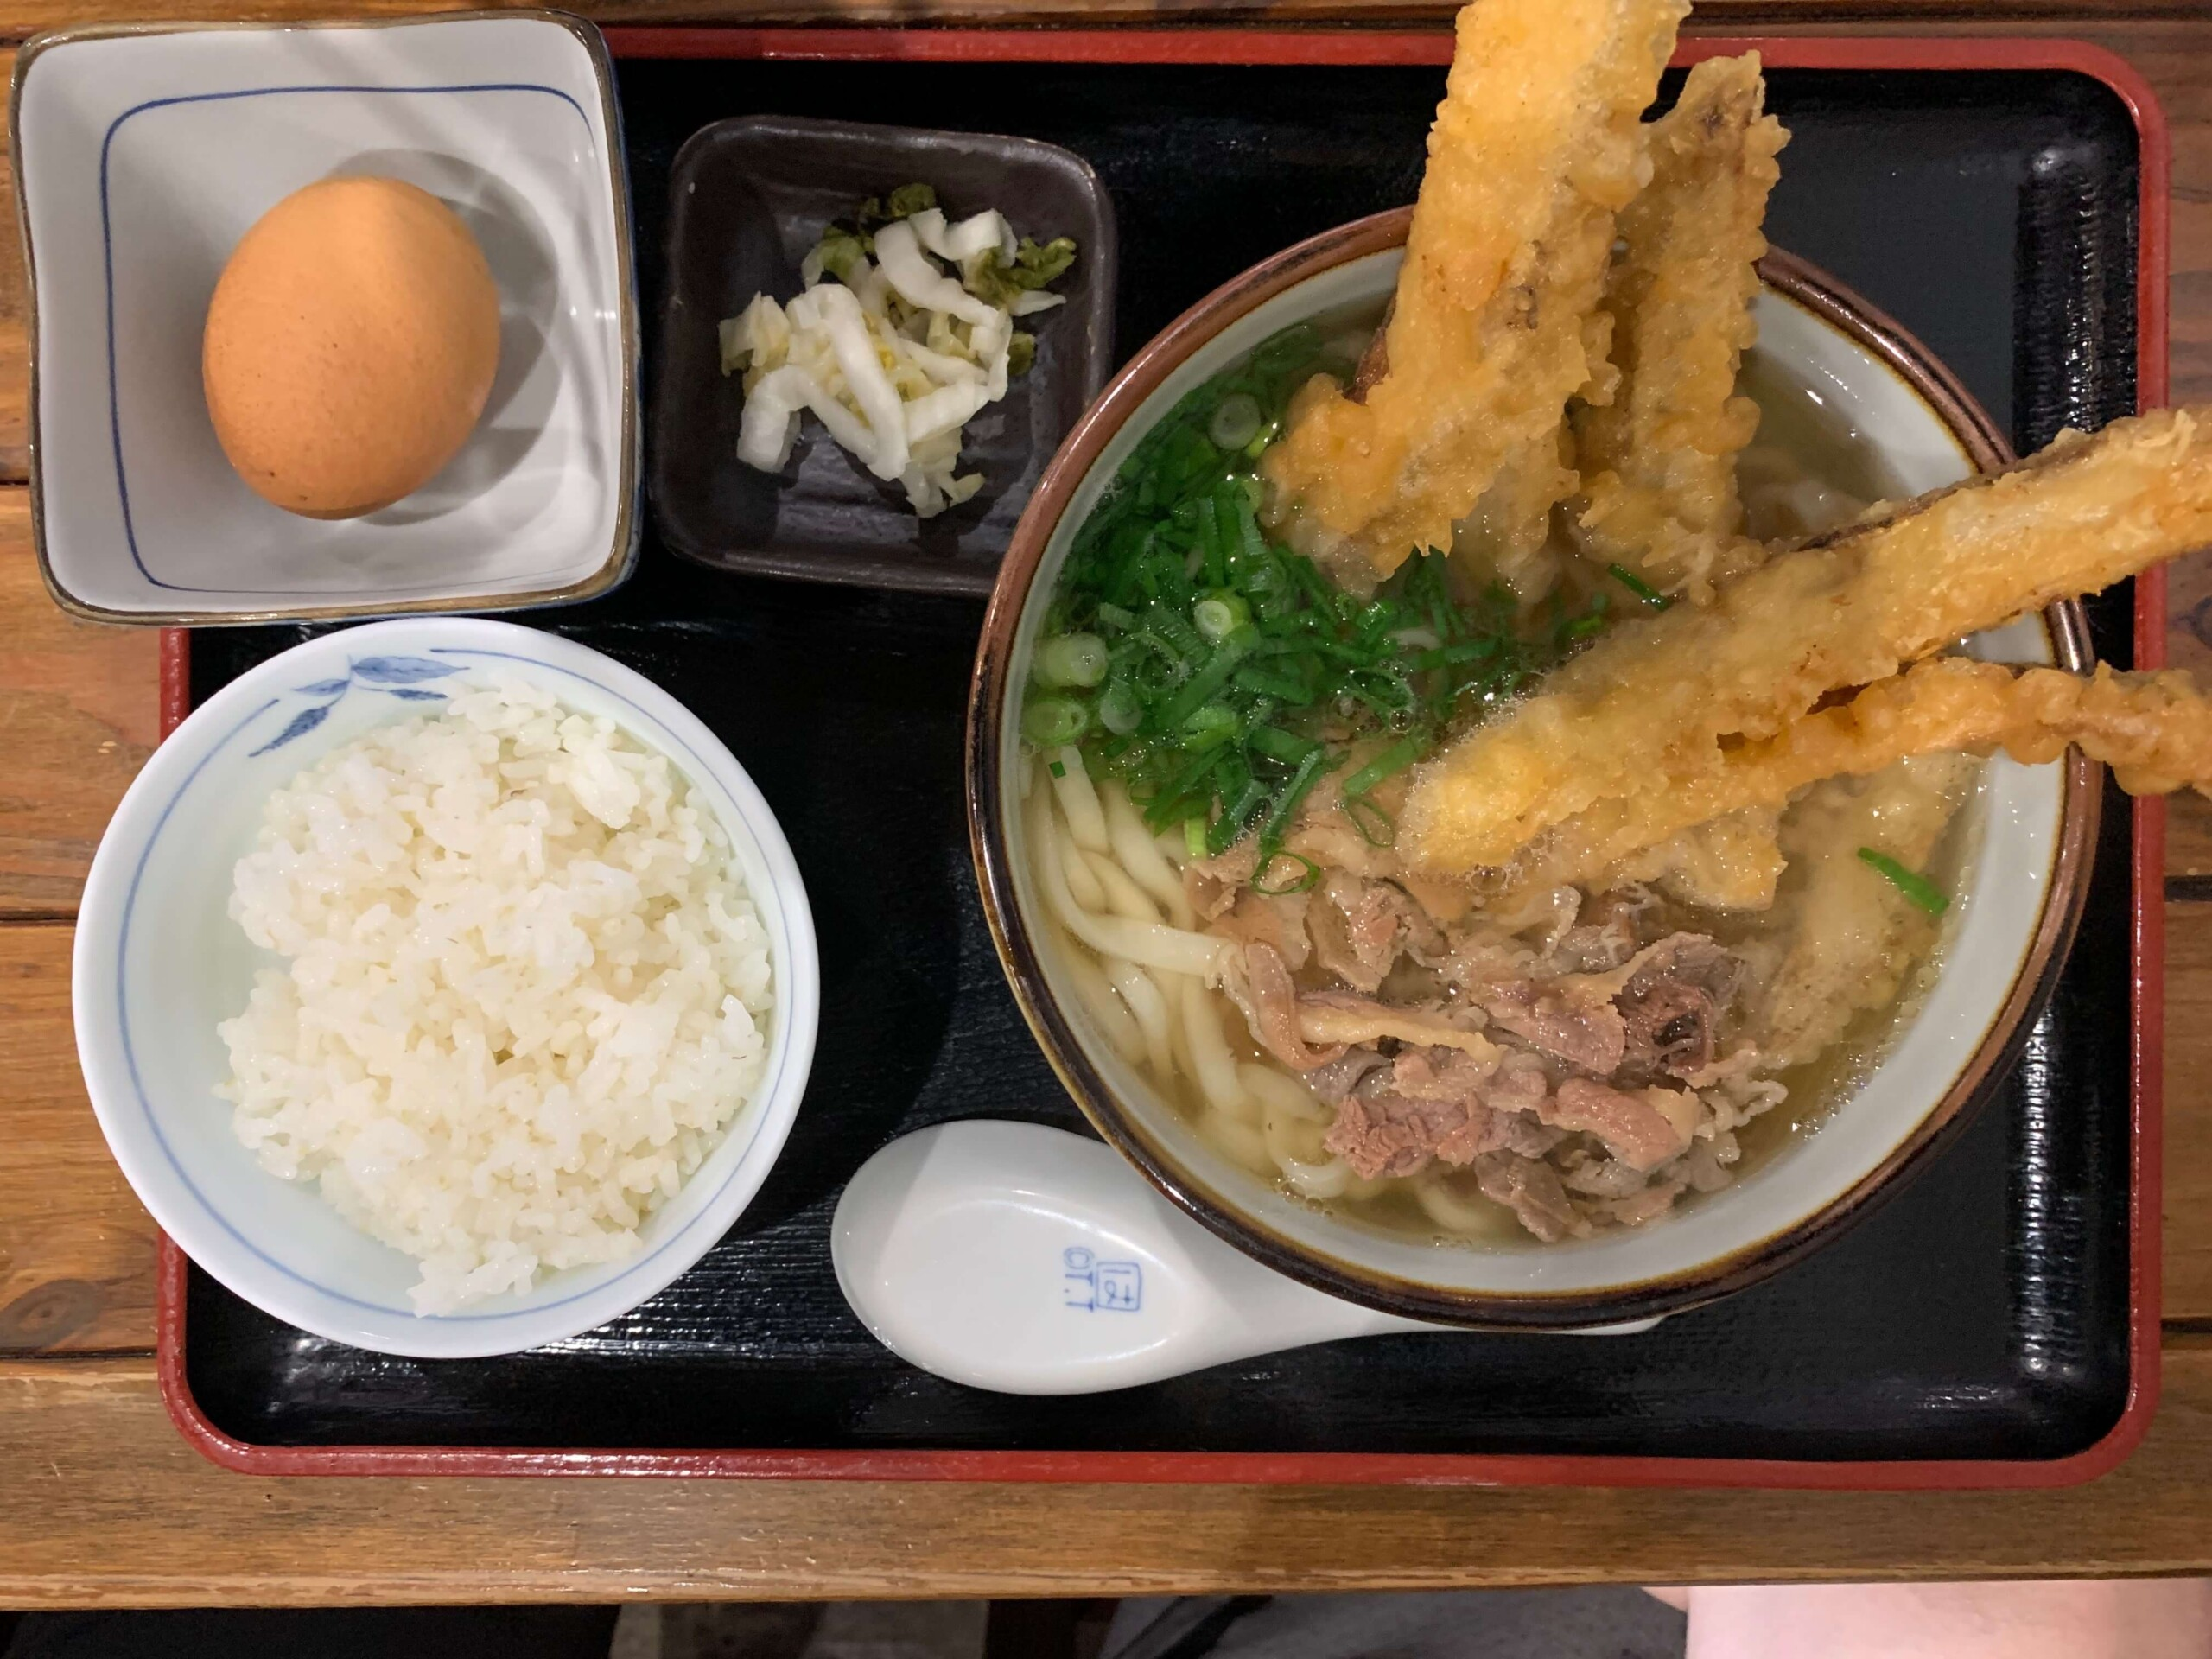 福山大隈肉ごぼううどんセット